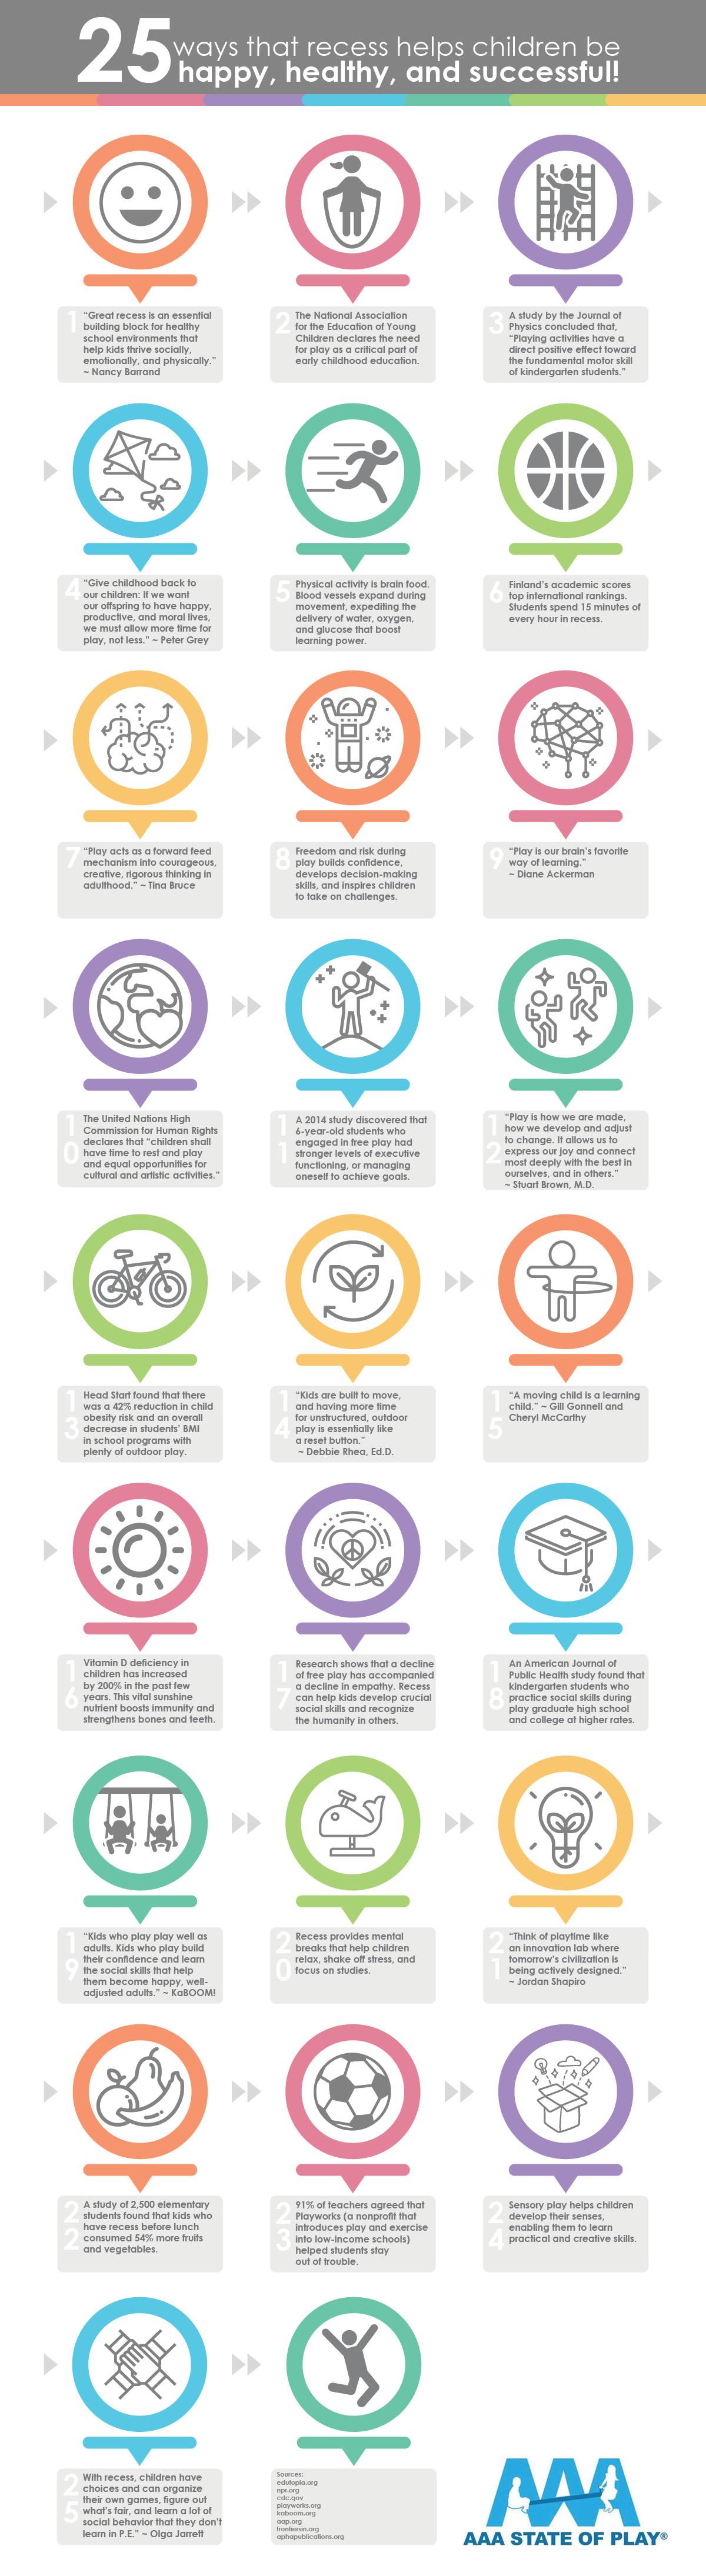 25 manieren om kinderen in de pauze blij gezond en succesvol te maken